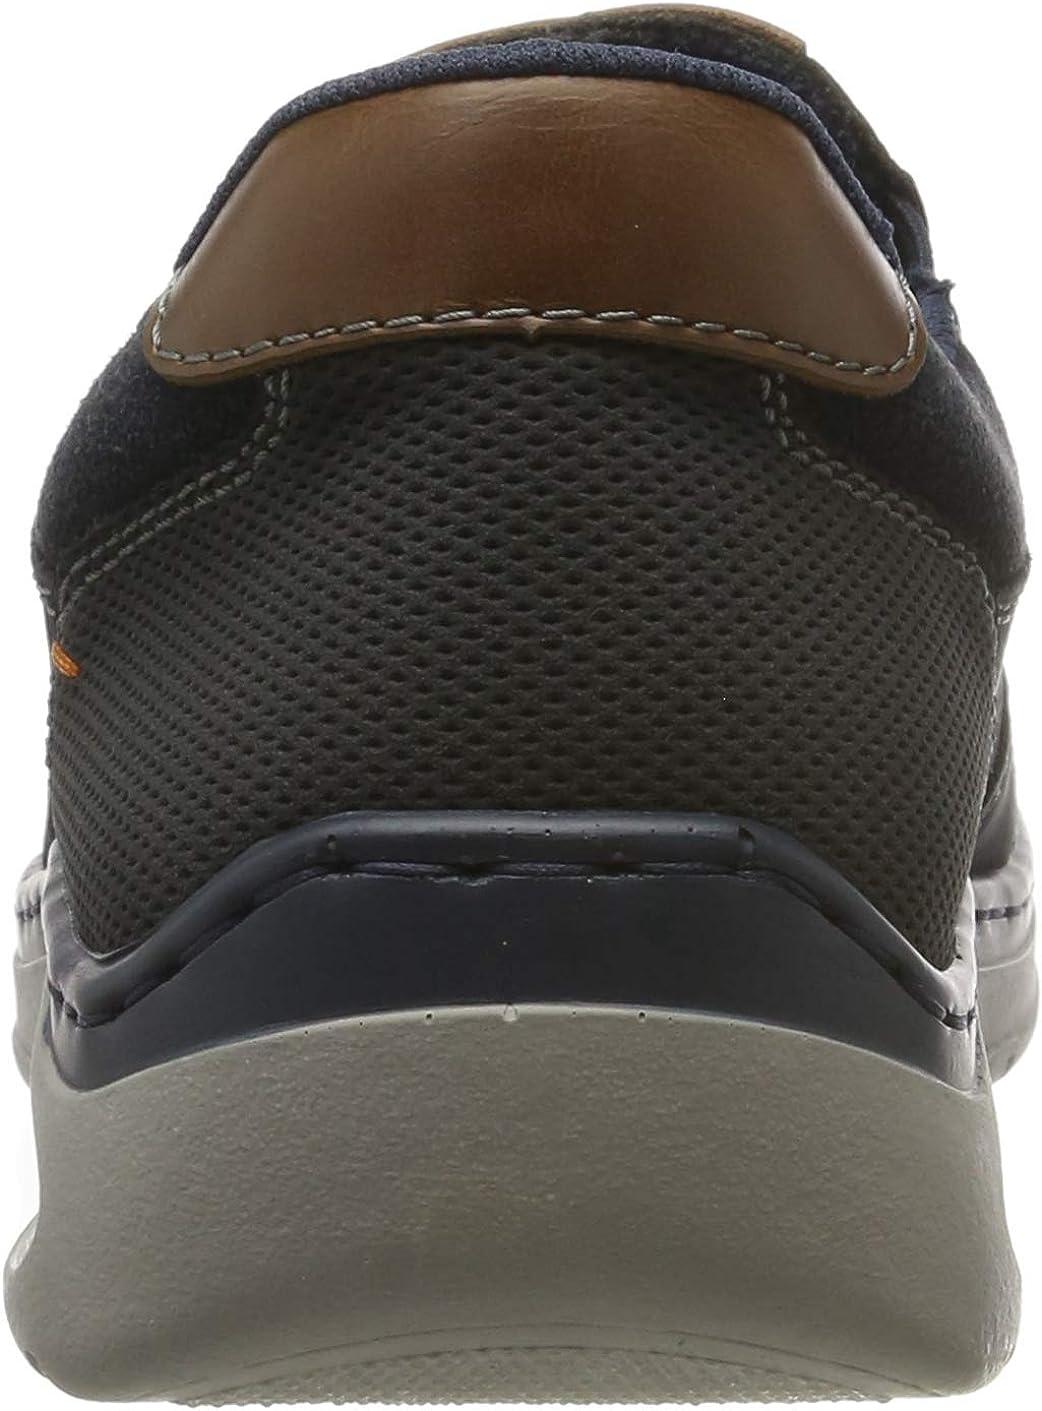 Rieker Herren B8952 15 Slipper: : Schuhe & Handtaschen kjM8Q